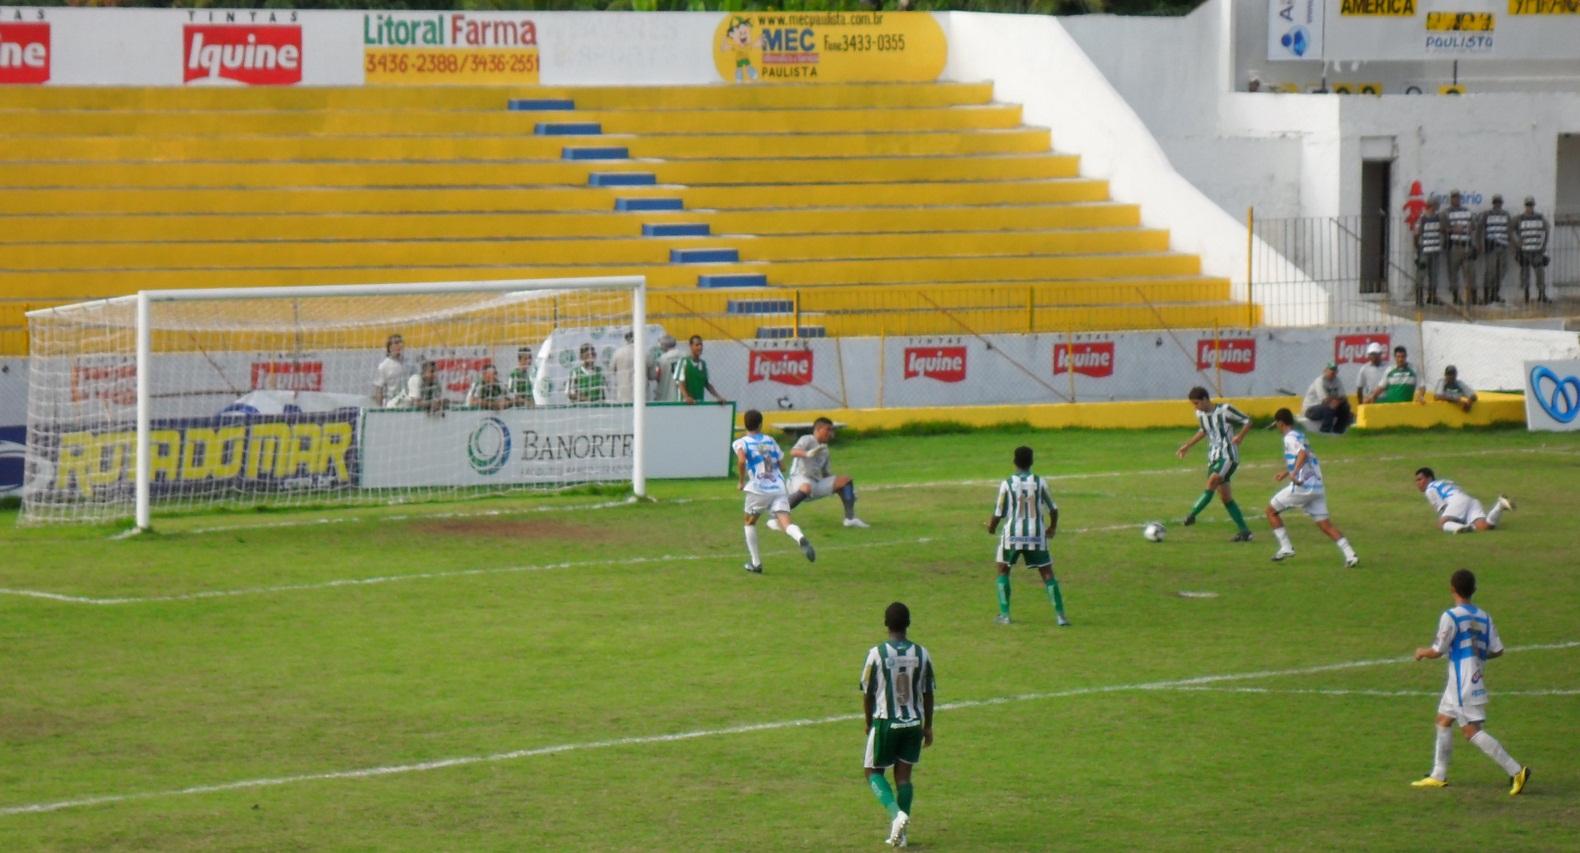 América conhece seu primeiro adversário no Campeonato Pernambucano Sub-20